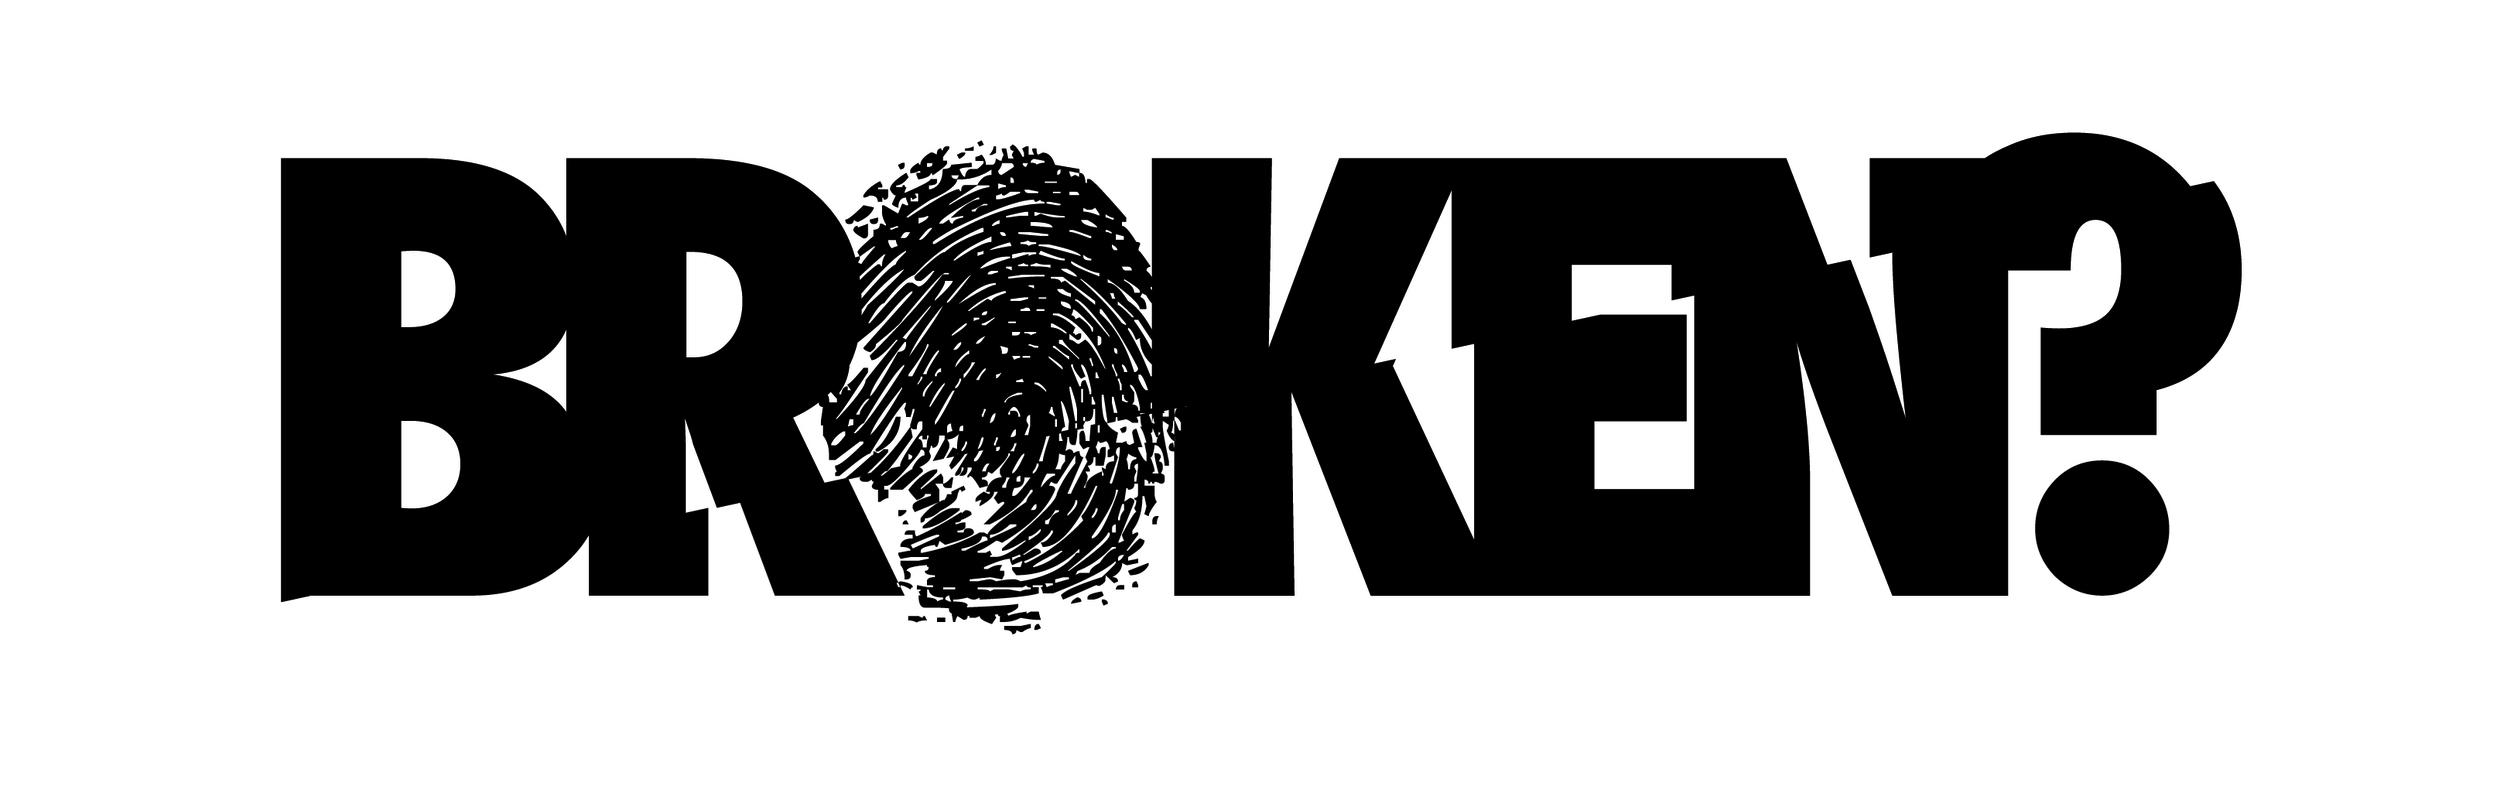 Broken_Logo-01.jpg